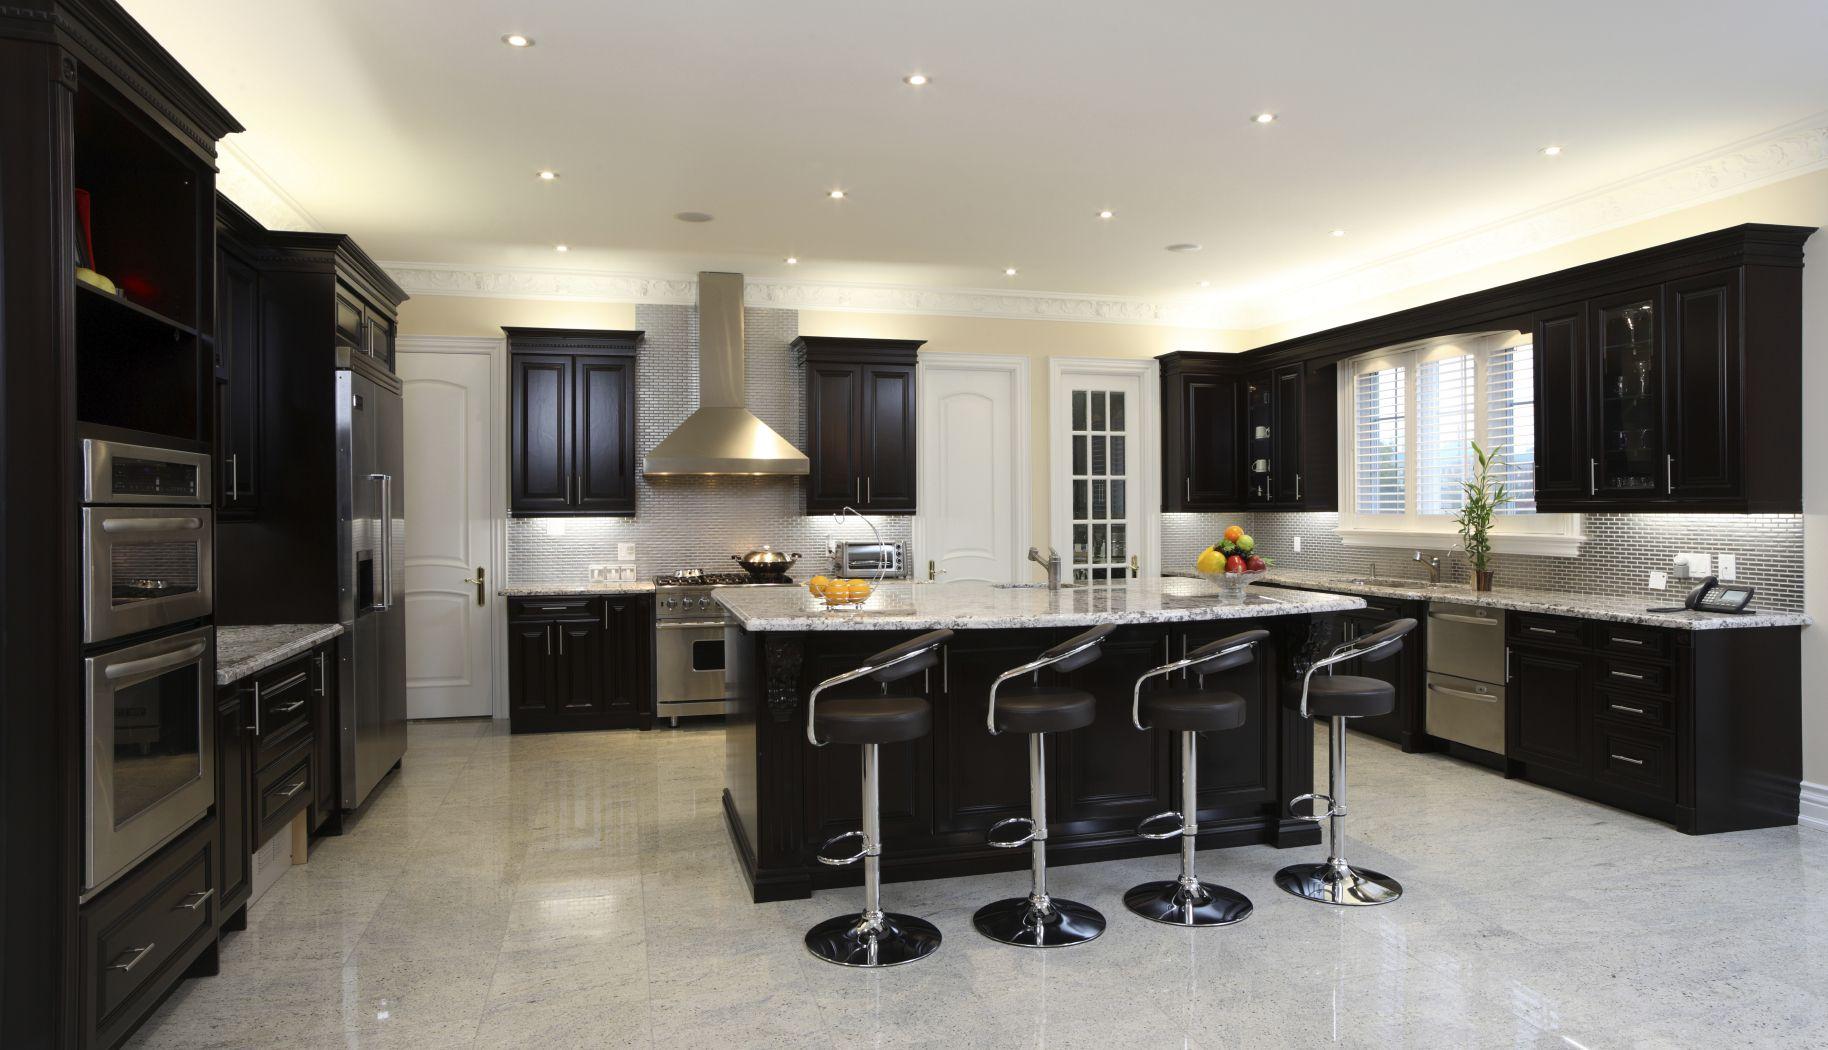 Küche Lackfarben , Welche Farbe Zu Malen Küche Beliebt Küche ...